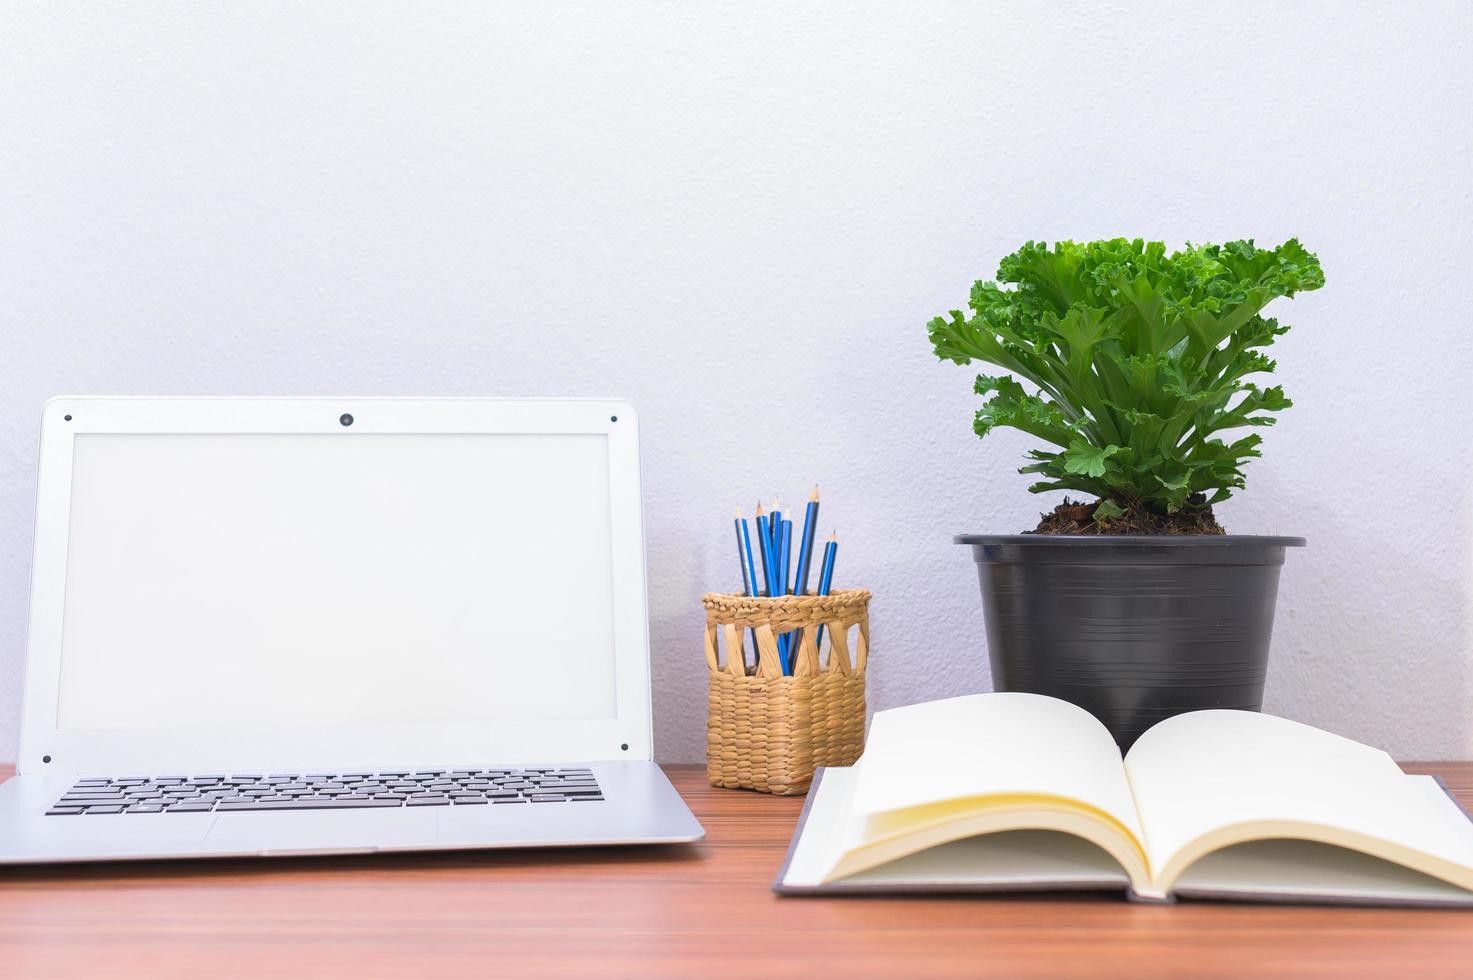 bärbar dator och blomma på skrivbordet foto